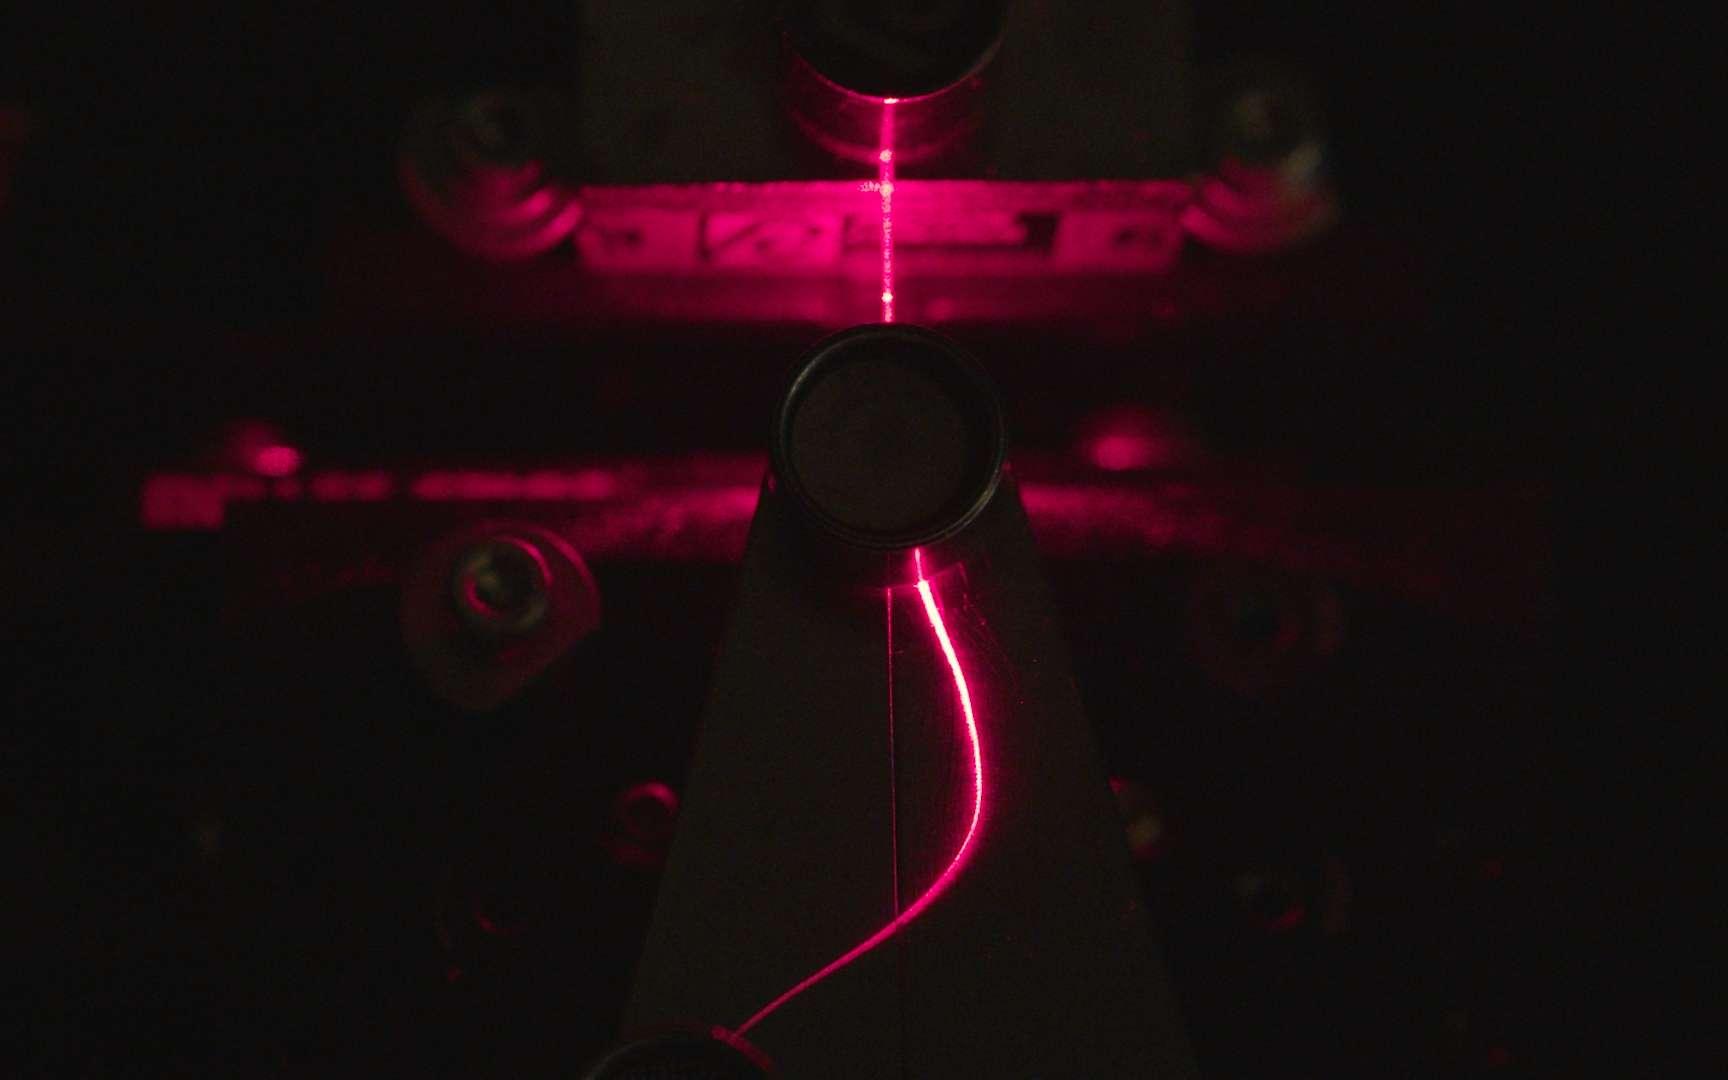 Les chercheurs du VTT ont développé une fibre optique à partir de la cellulose du bois. © VTT